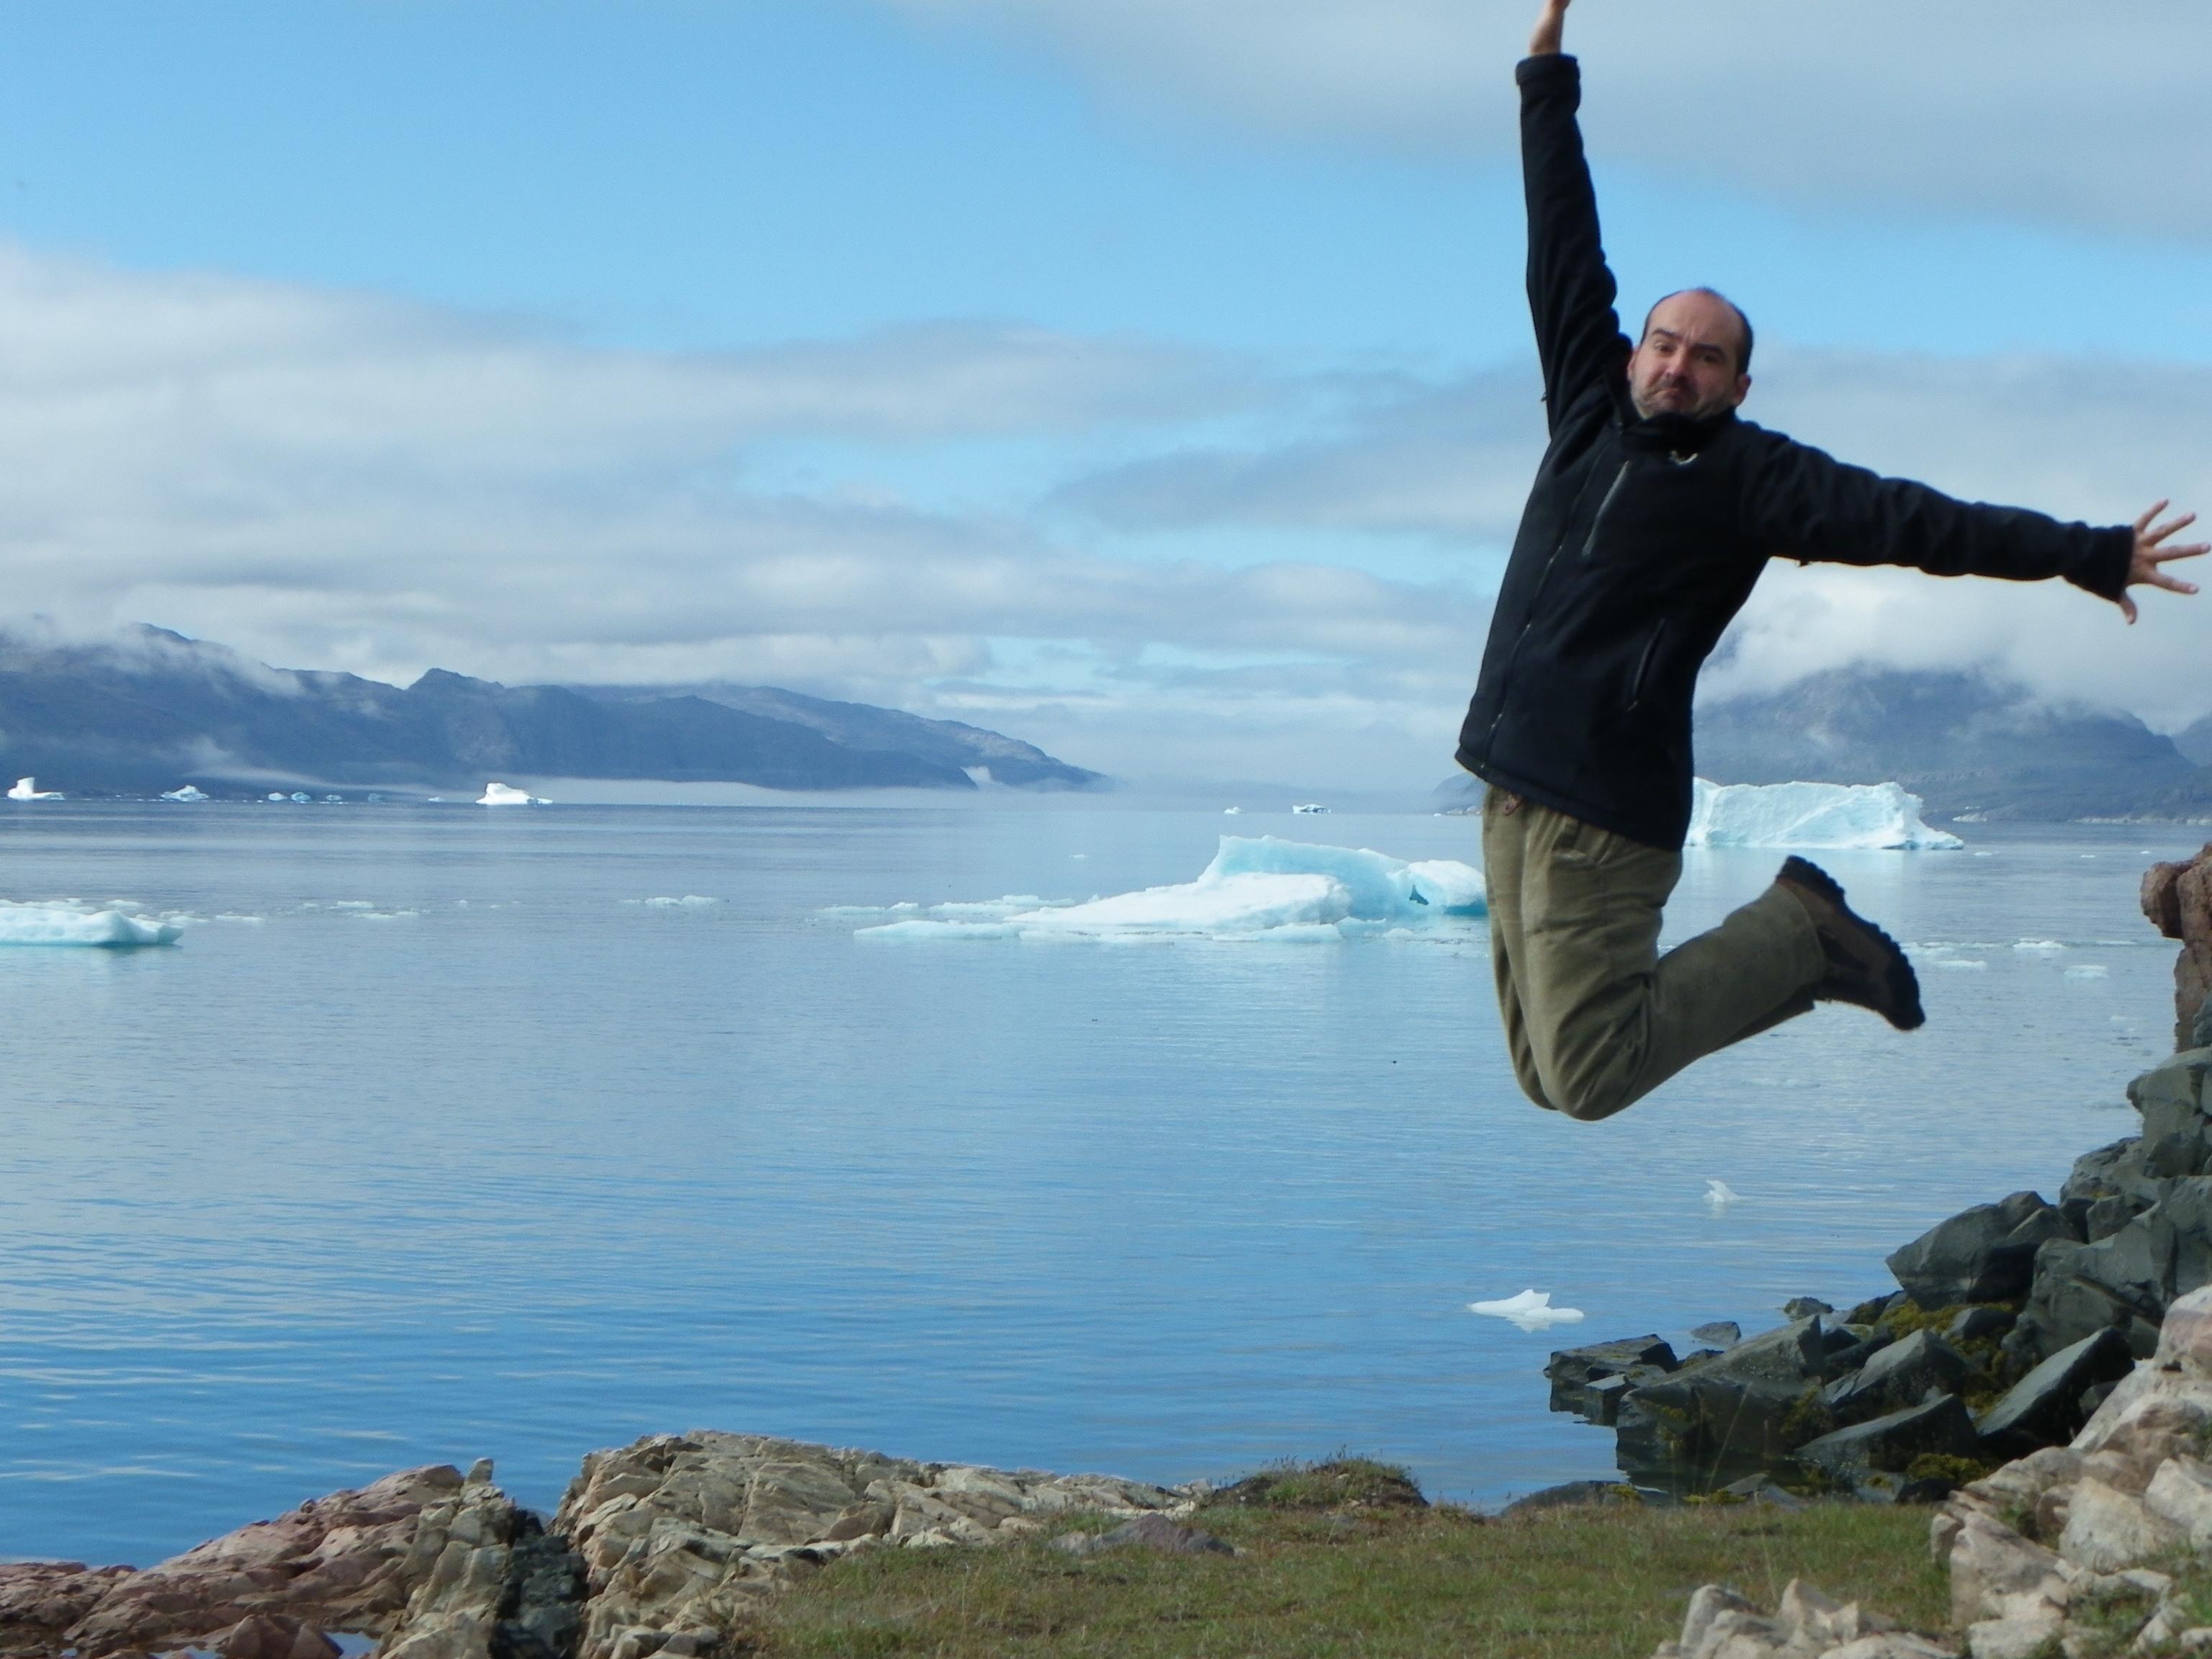 Jordi Vall i Droguet – Fotos del viaje a Groenlandia